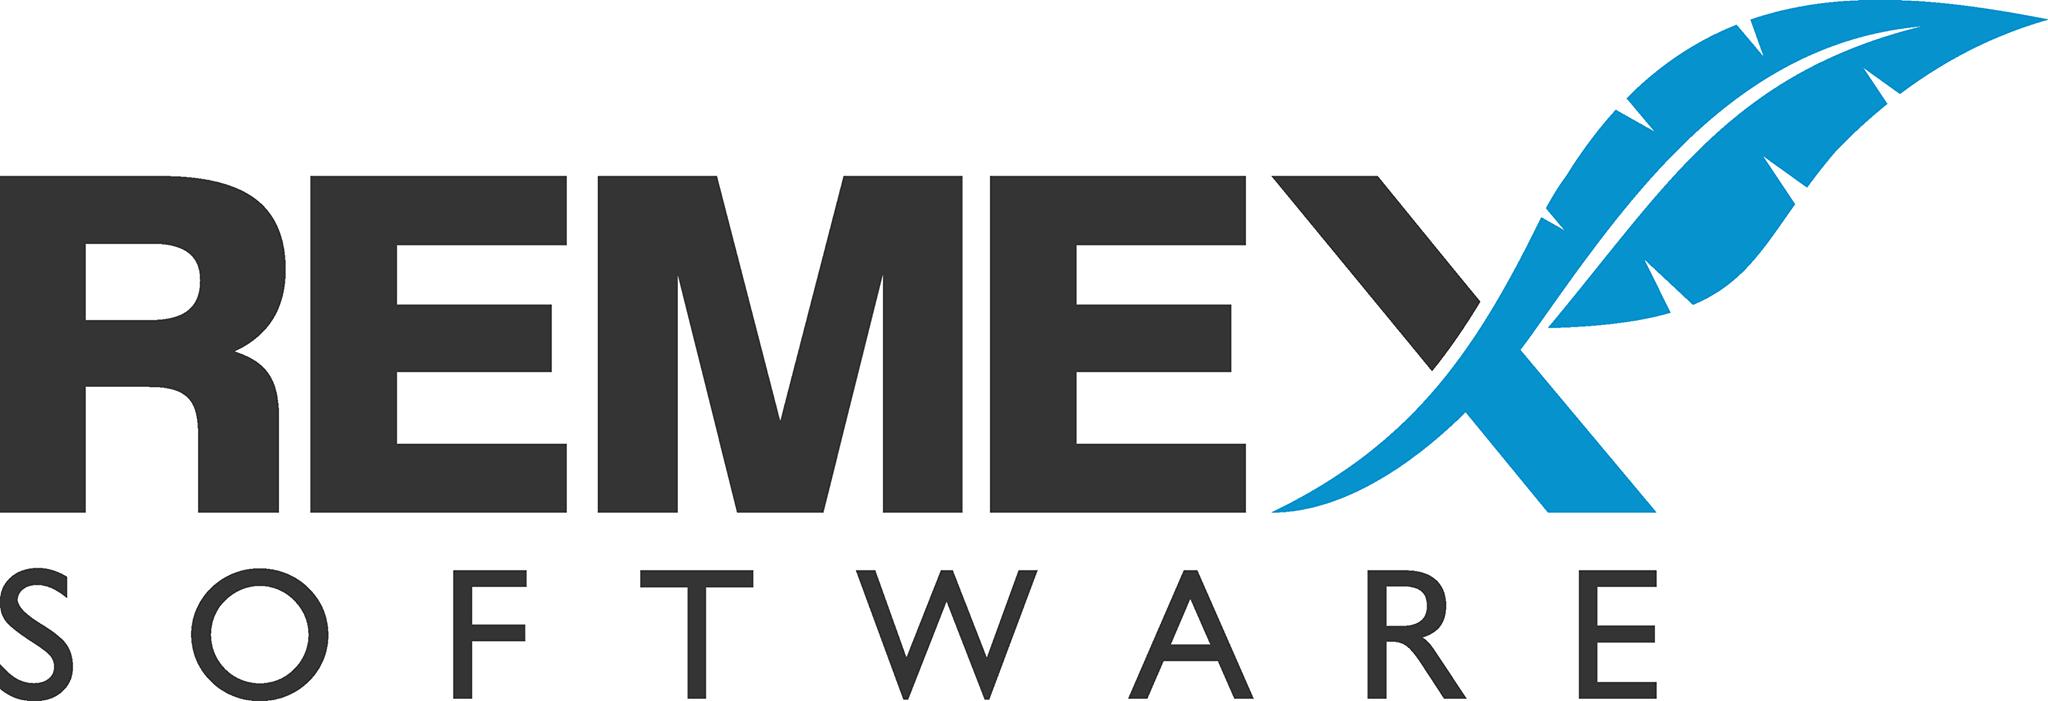 REMEX Software Ltd